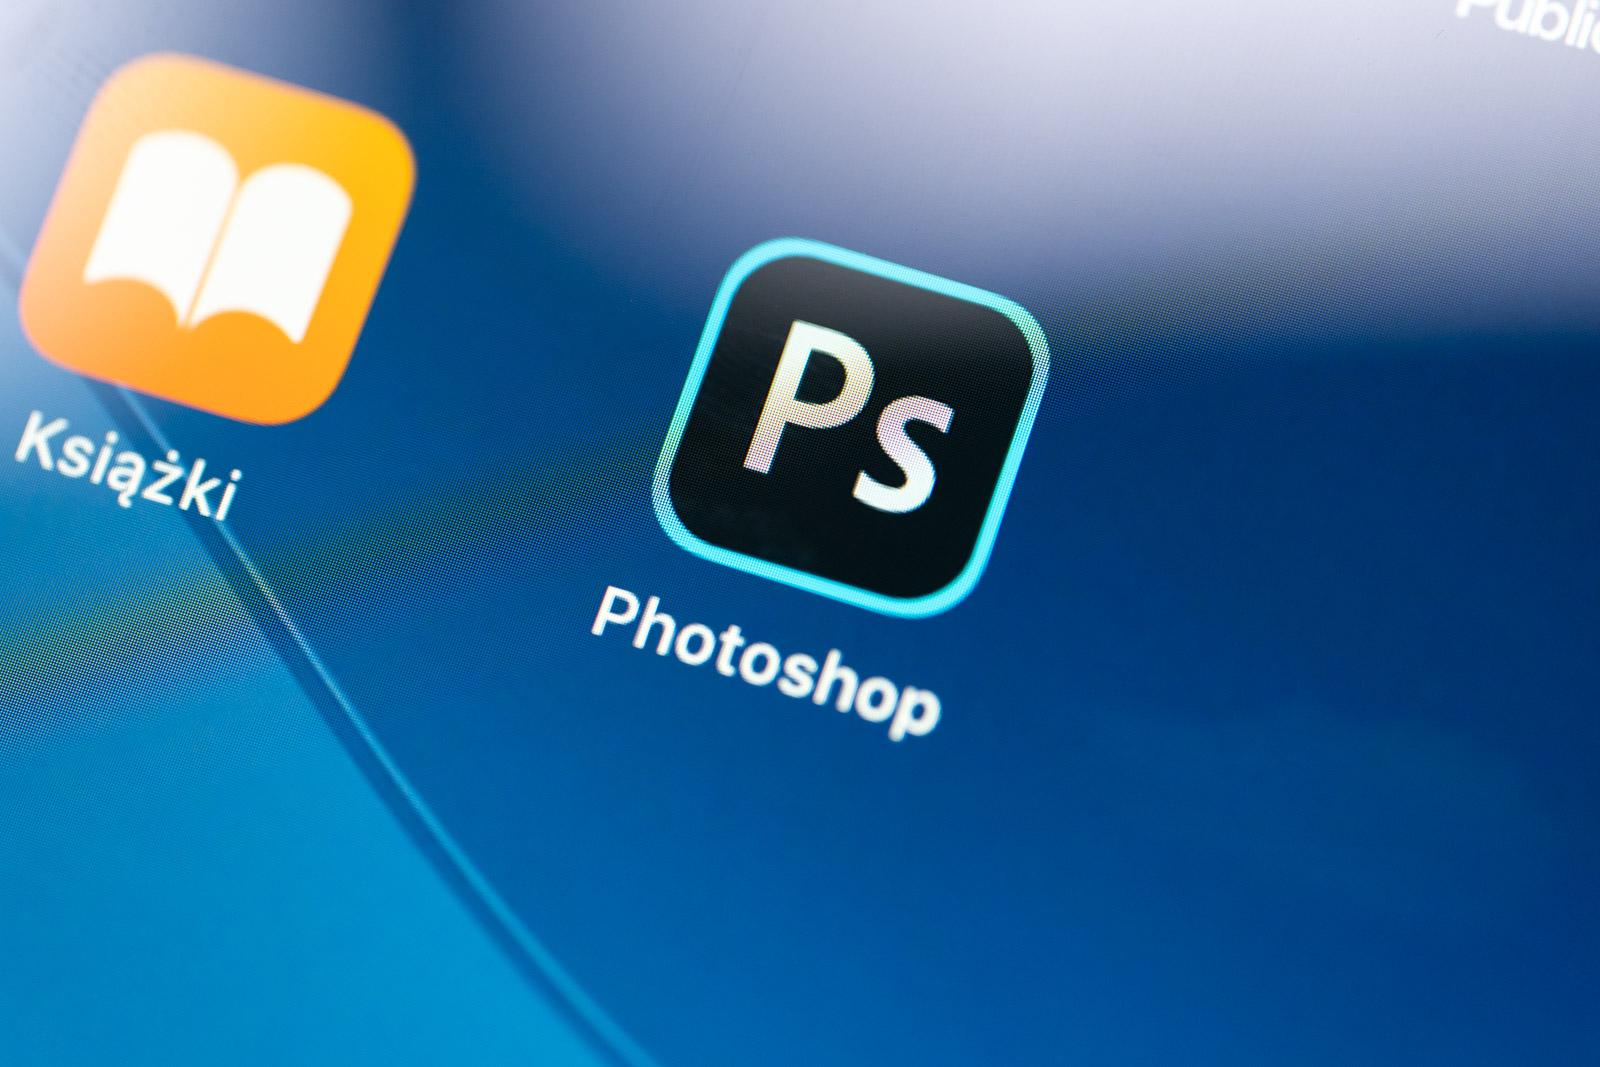 Adobe-k Photoshop eta Fresco uztartzen ditu iPad-en plan berri batean.  Handia, baina grafikoek dagoeneko Procreate dute